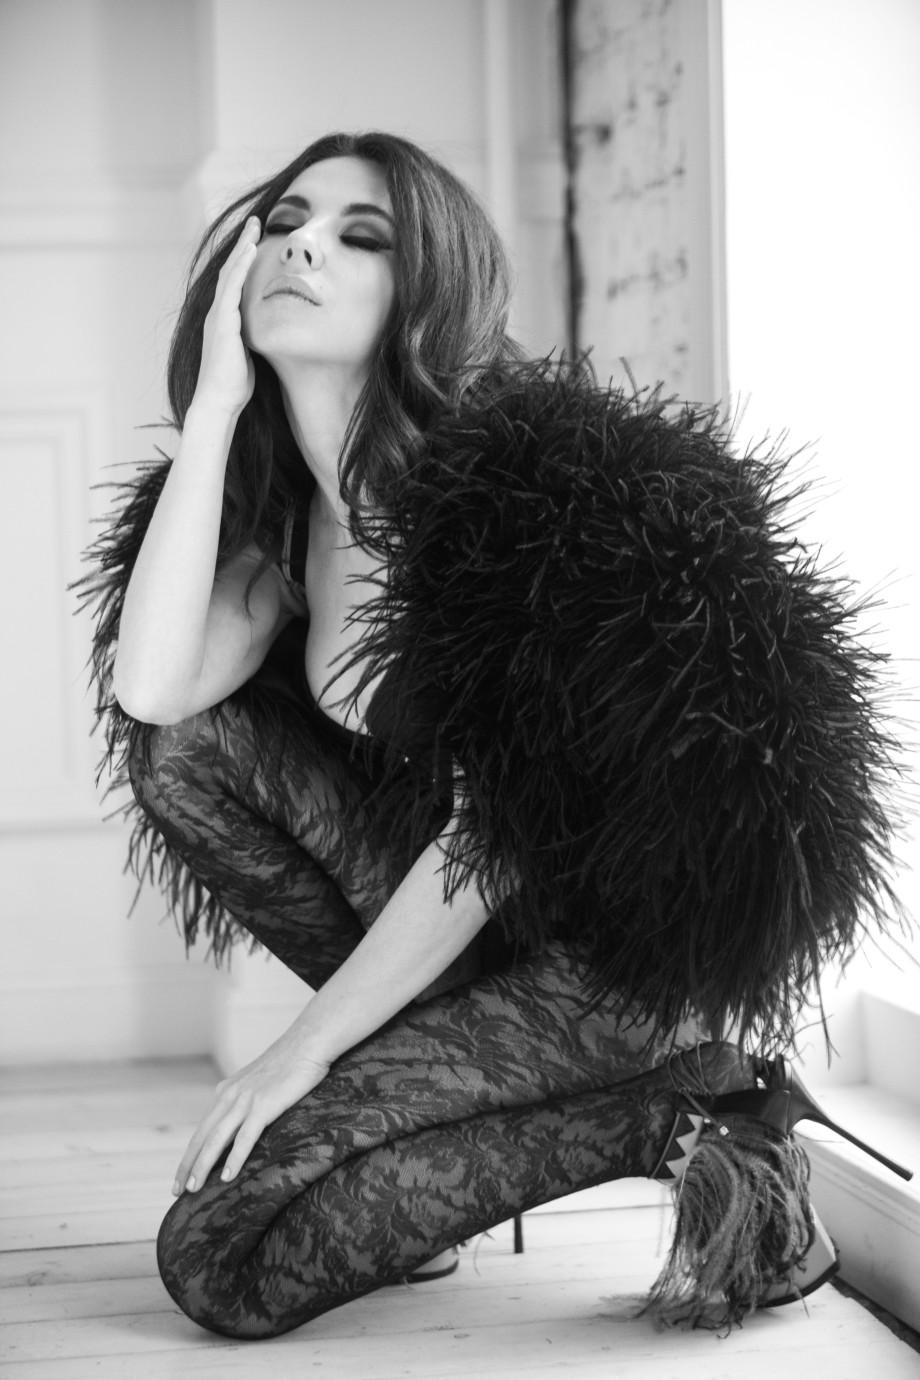 Анна Плетнева: «Плохая девочка» внутри меня мешает стать «королевой». ЭКСКЛЮЗИВ